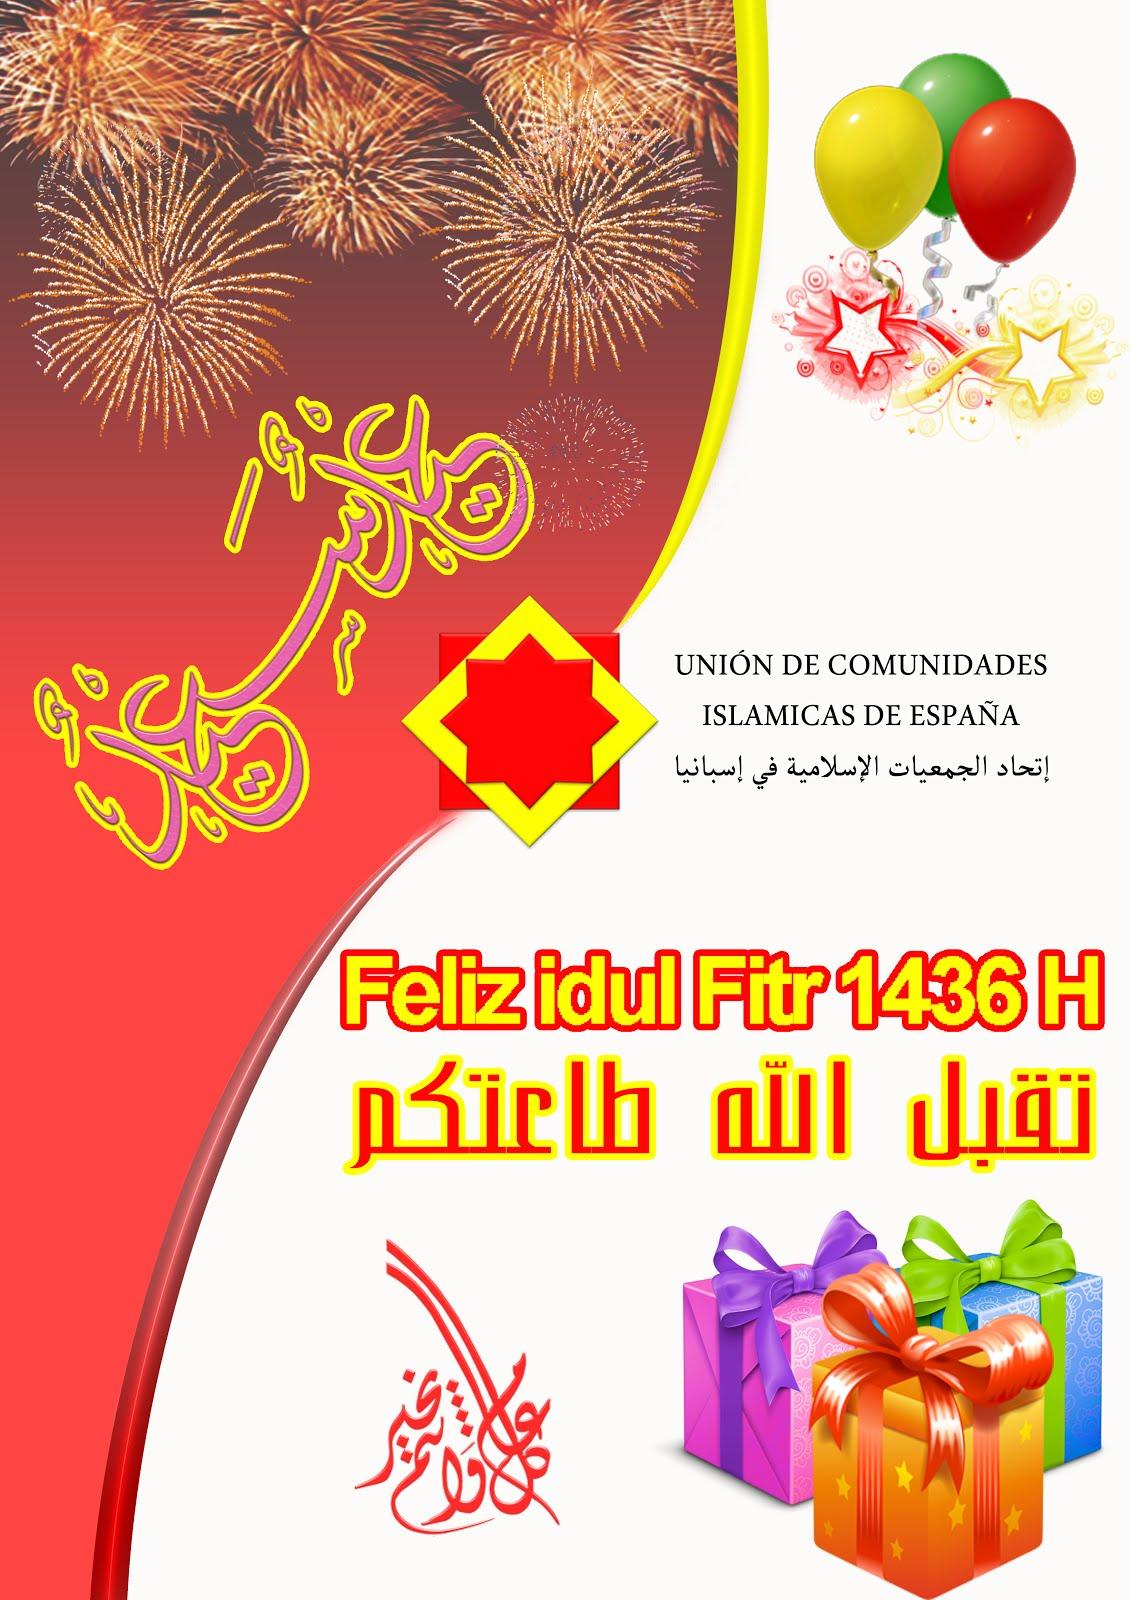 La Comisión Islámica de España, anuncia que Mañana viernes 17 de julio es el primer día de la fiest